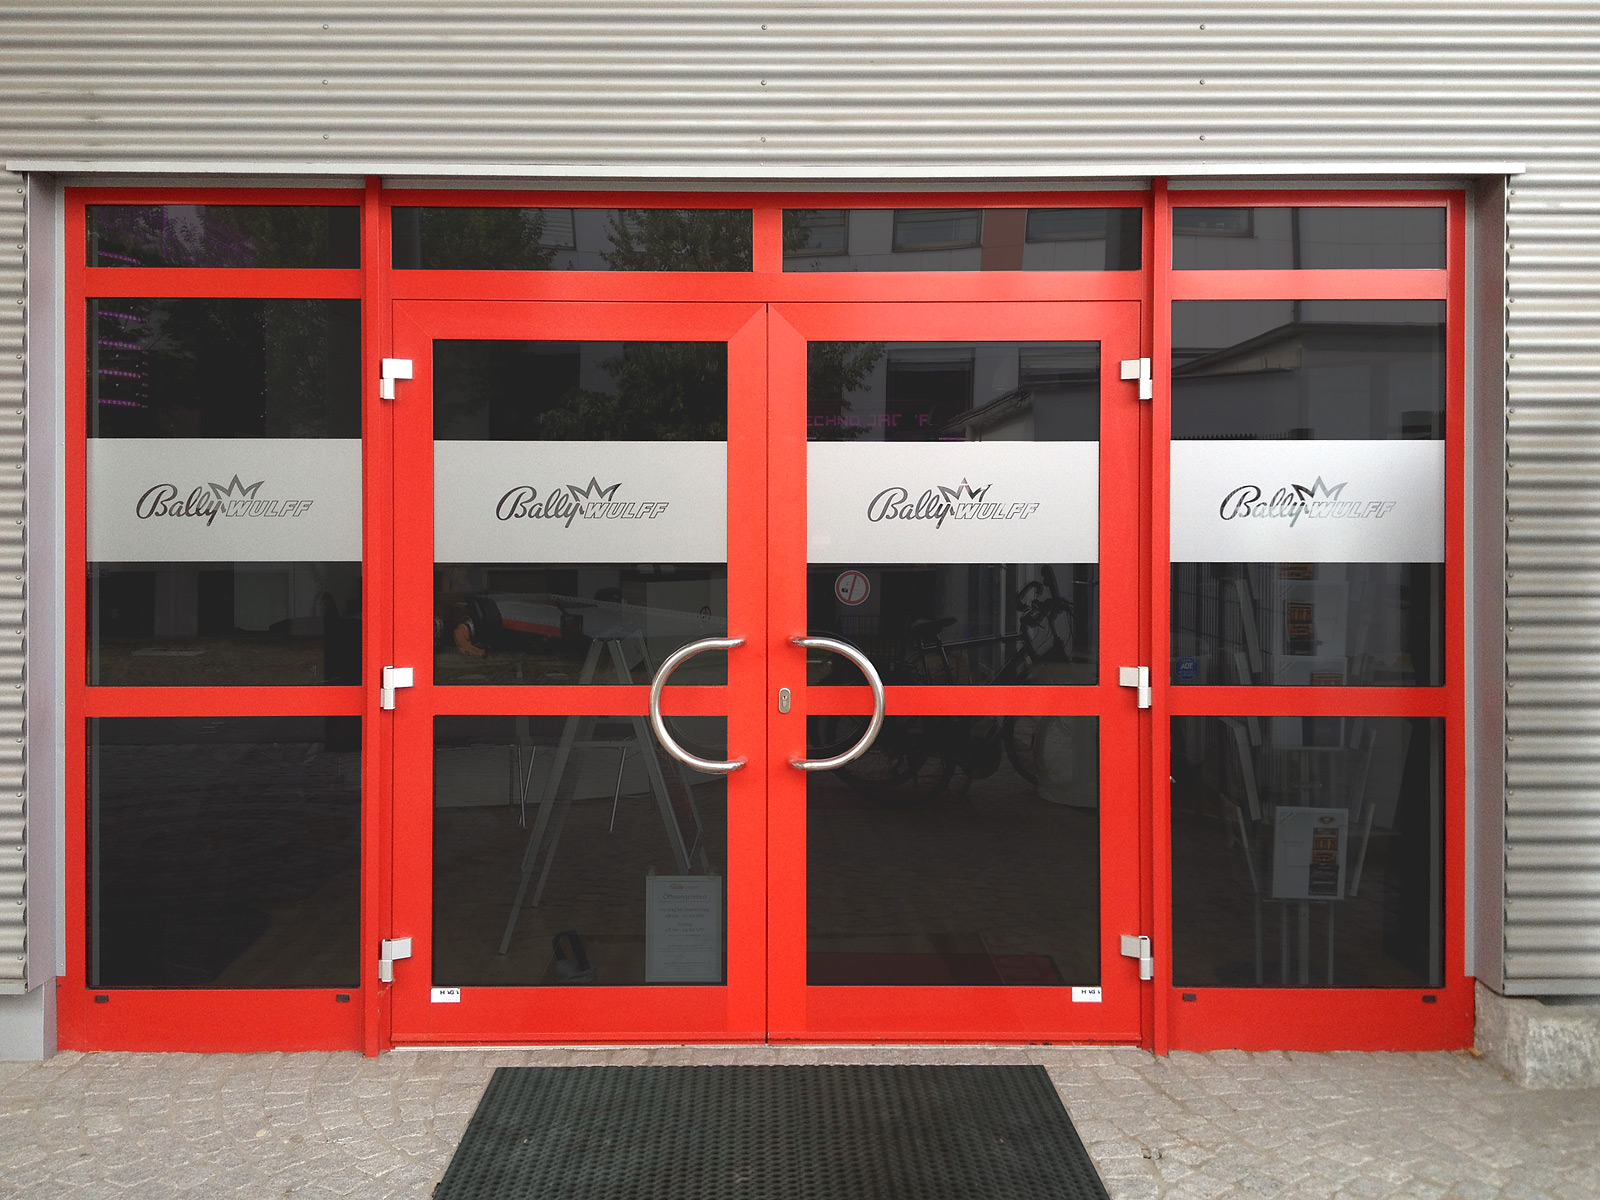 Sichtschutzbeklebung und Firmenschild aus Acrylglas